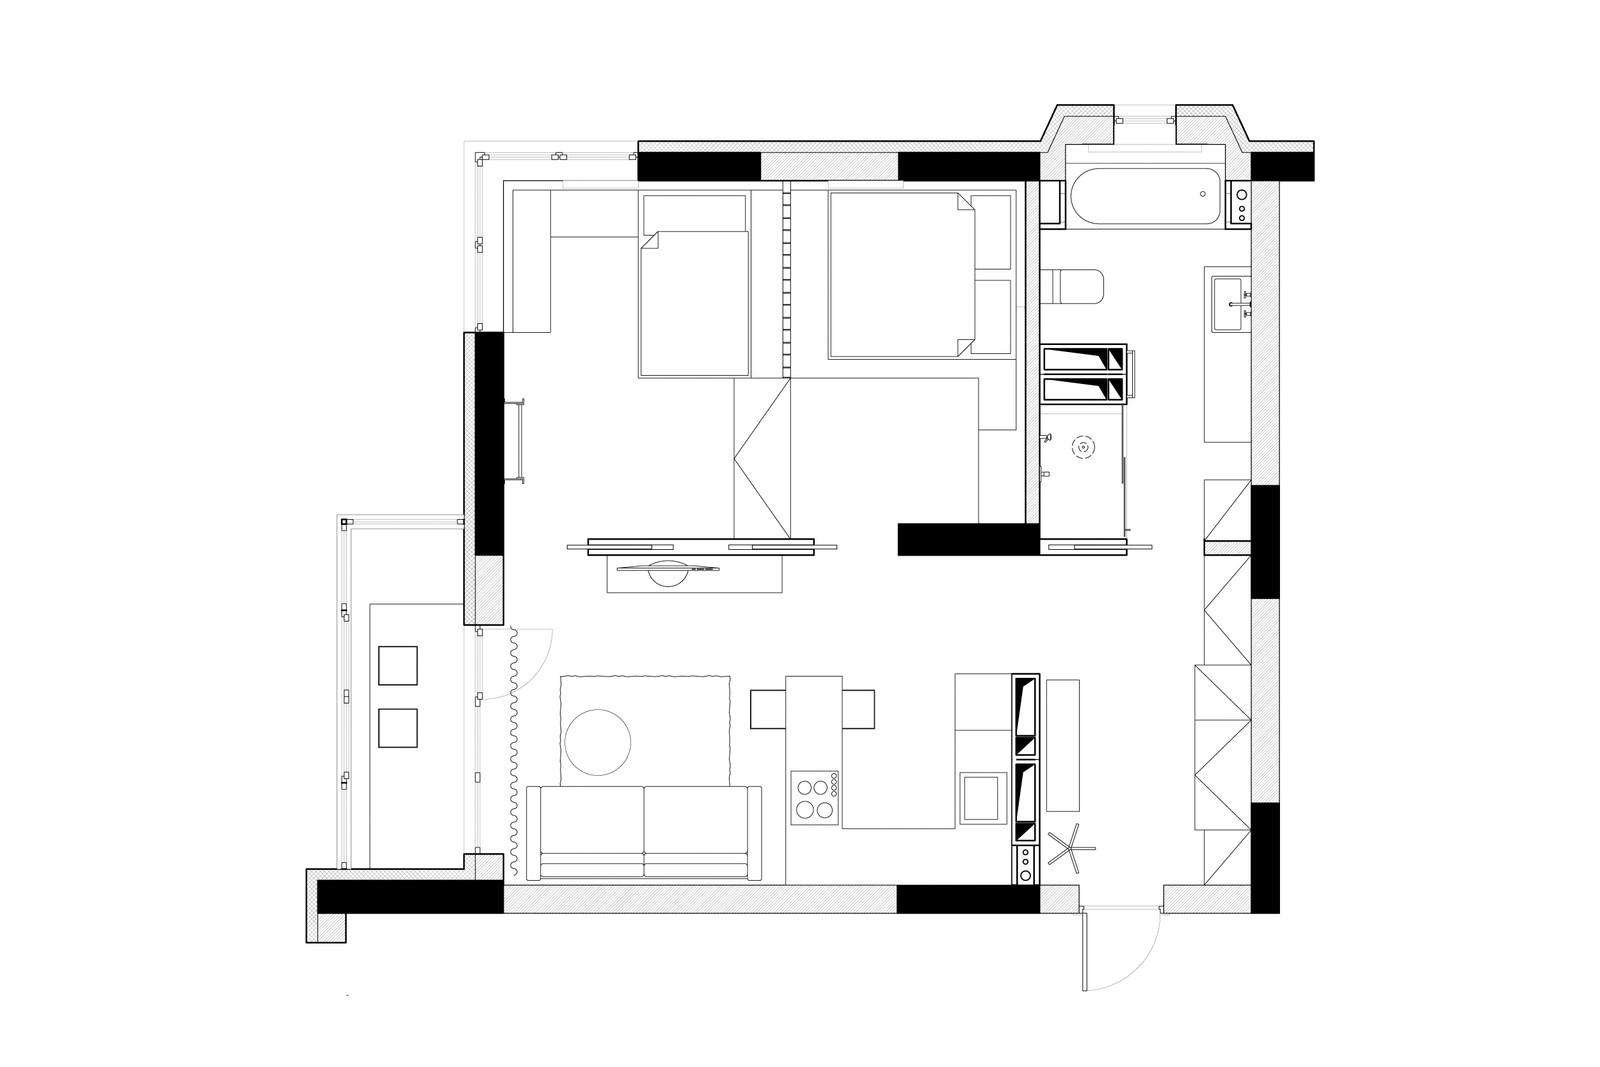 vpechatlqvasht-malak-apartament-s-moderen-dizain-913g